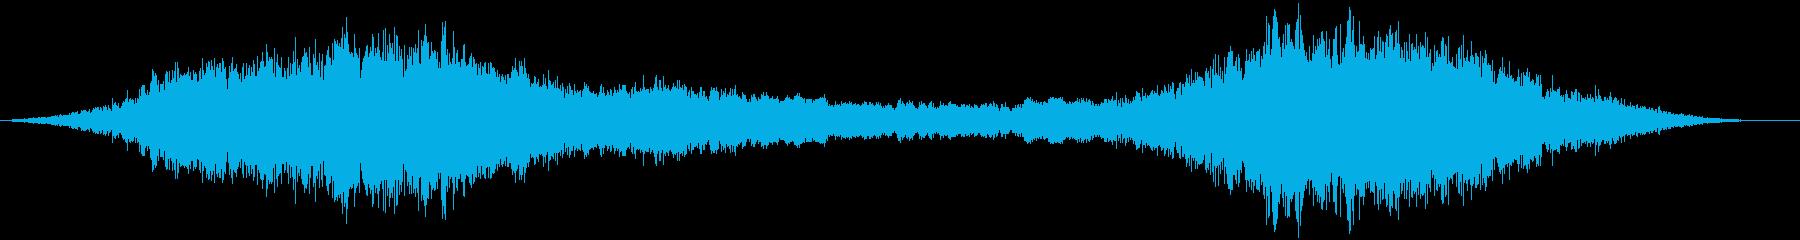 【ダークアンビエント】神殿の中_03の再生済みの波形